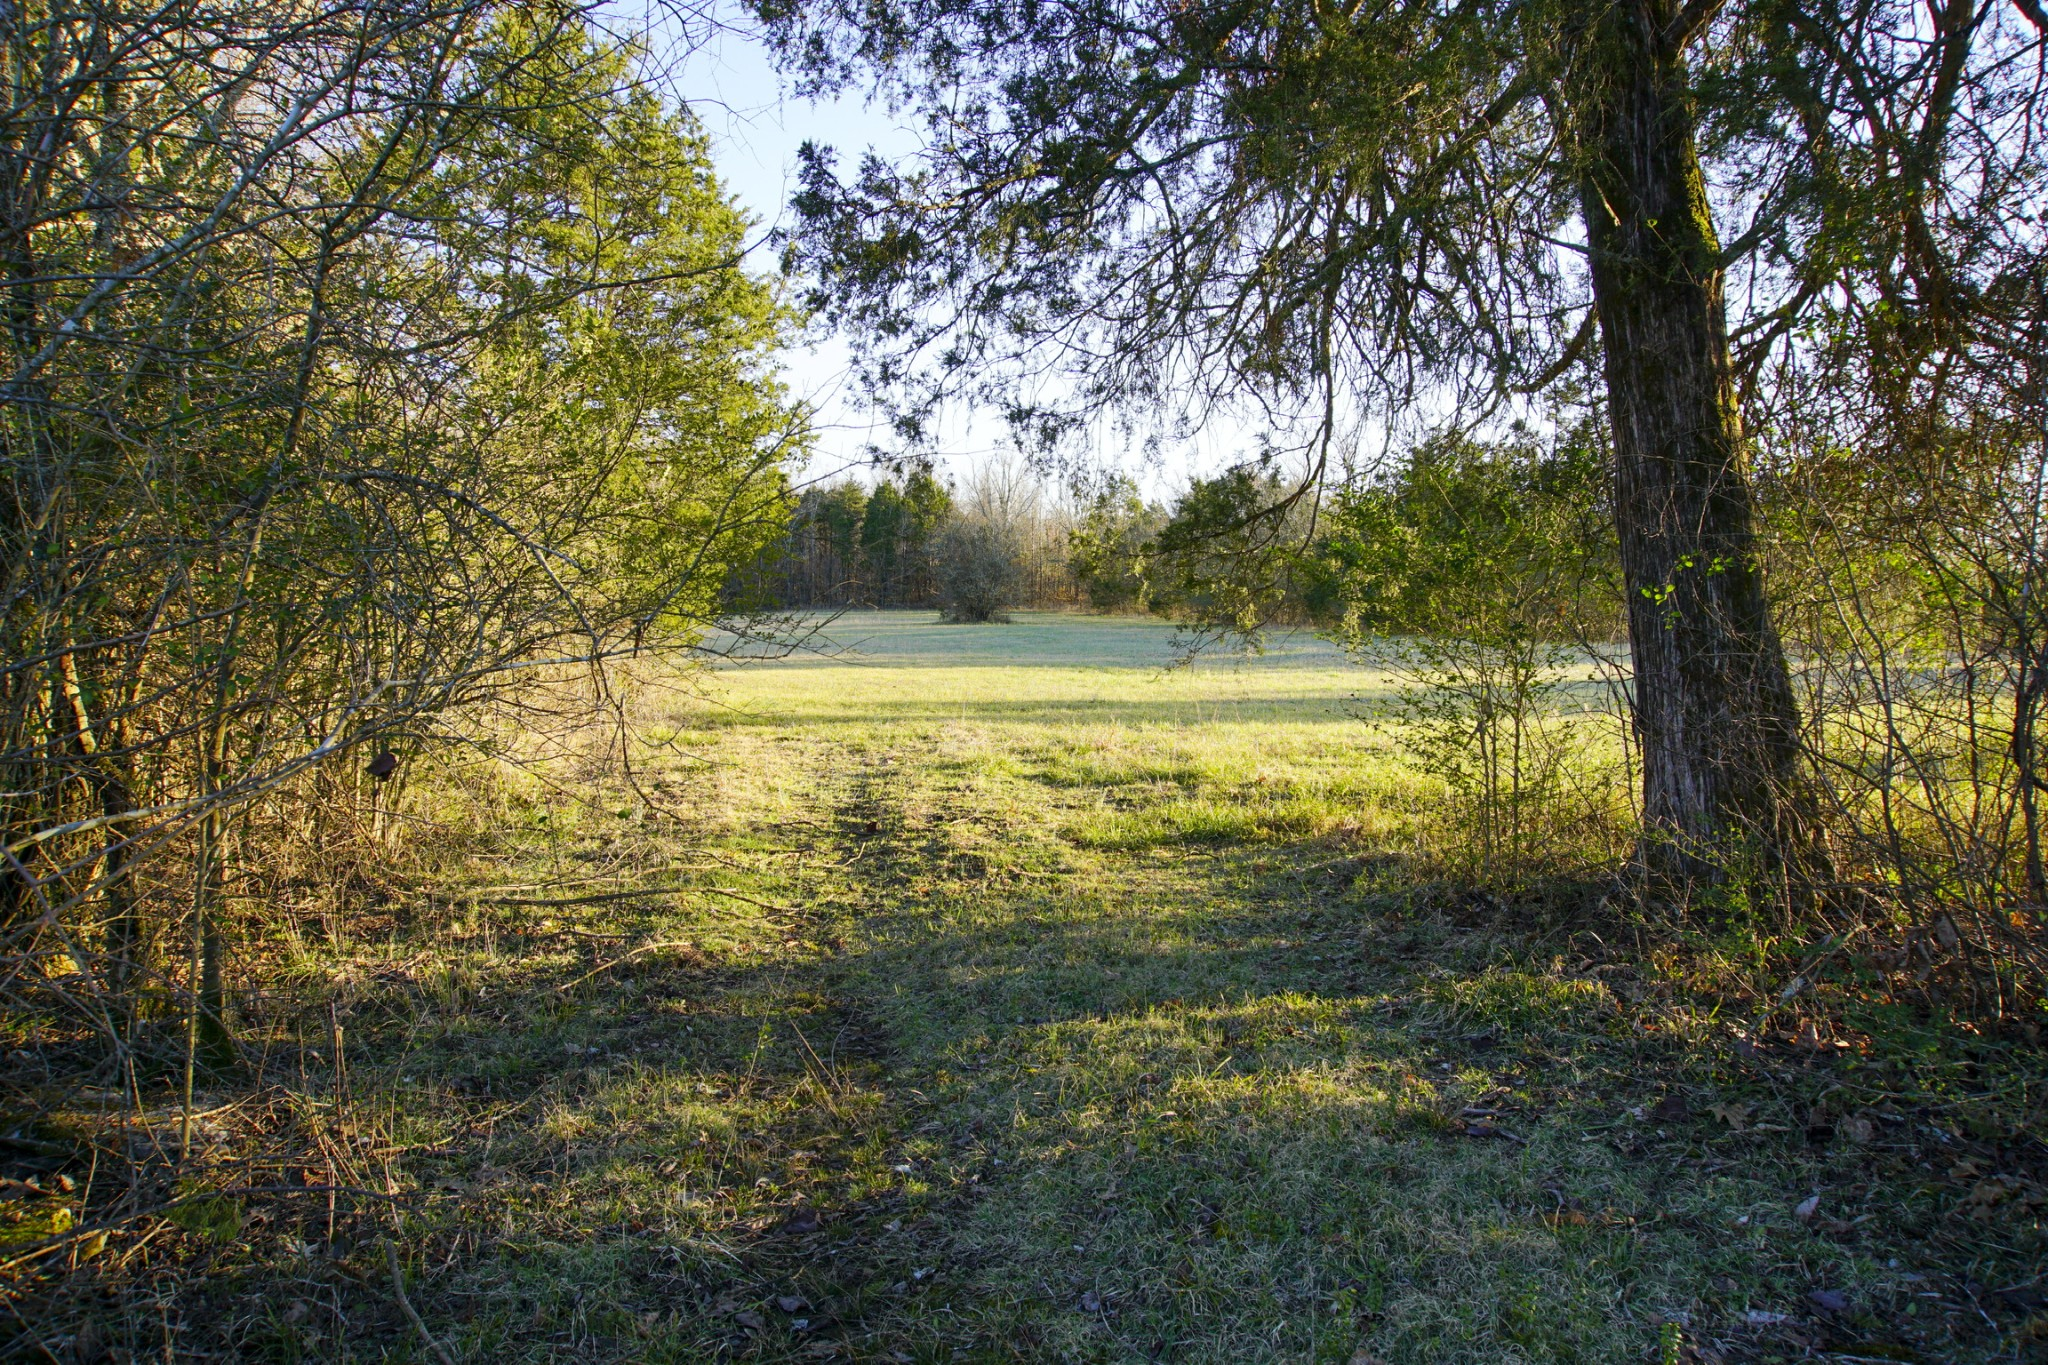 0 Kittrell Rd, Readyville, TN 37149 - Readyville, TN real estate listing